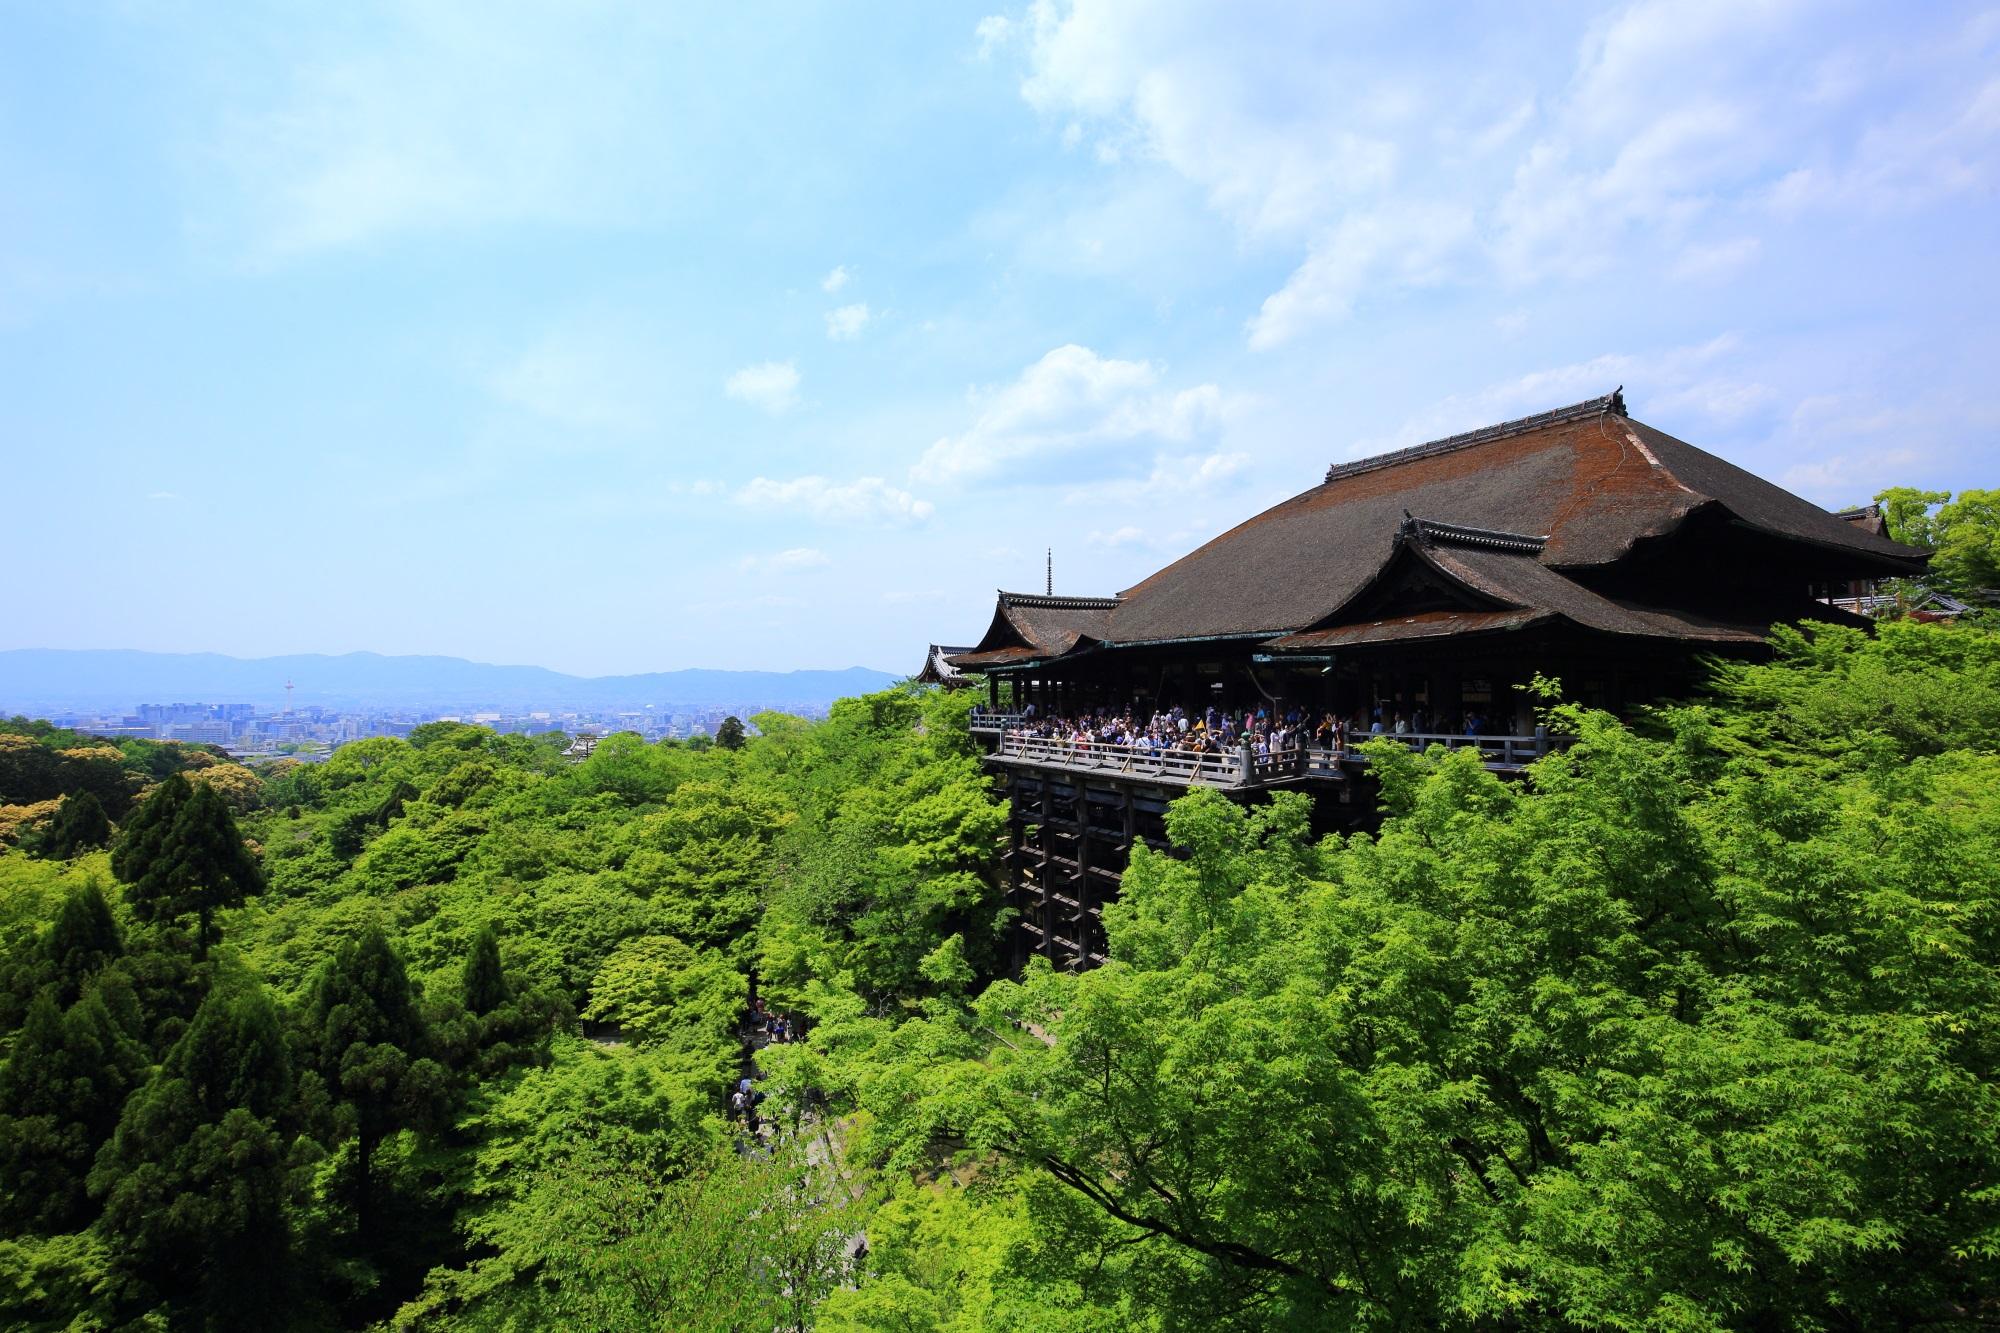 高画質 清水寺 写真 新緑 清水の舞台